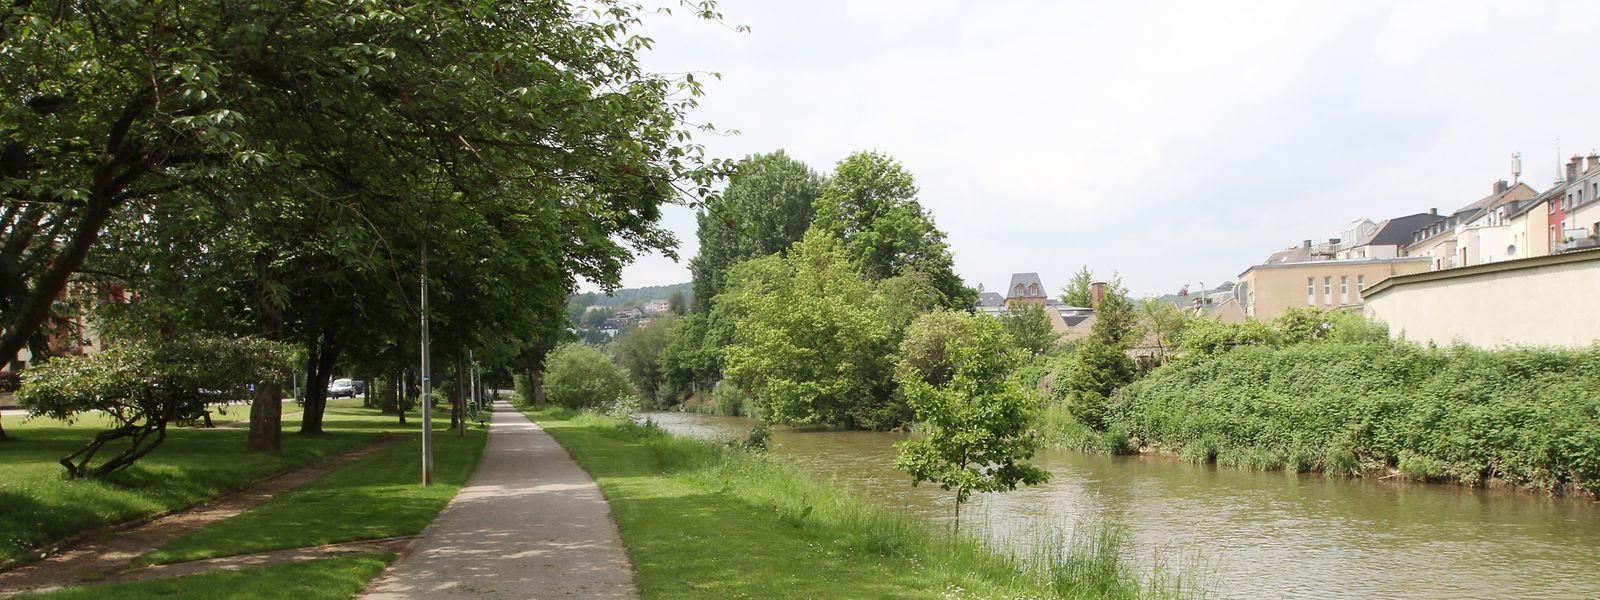 Die bestehende Promenade entlang dem Alzetteufer wird verbreitert, während Holzplattformen errichtet werden, die über die Alzette ragen.